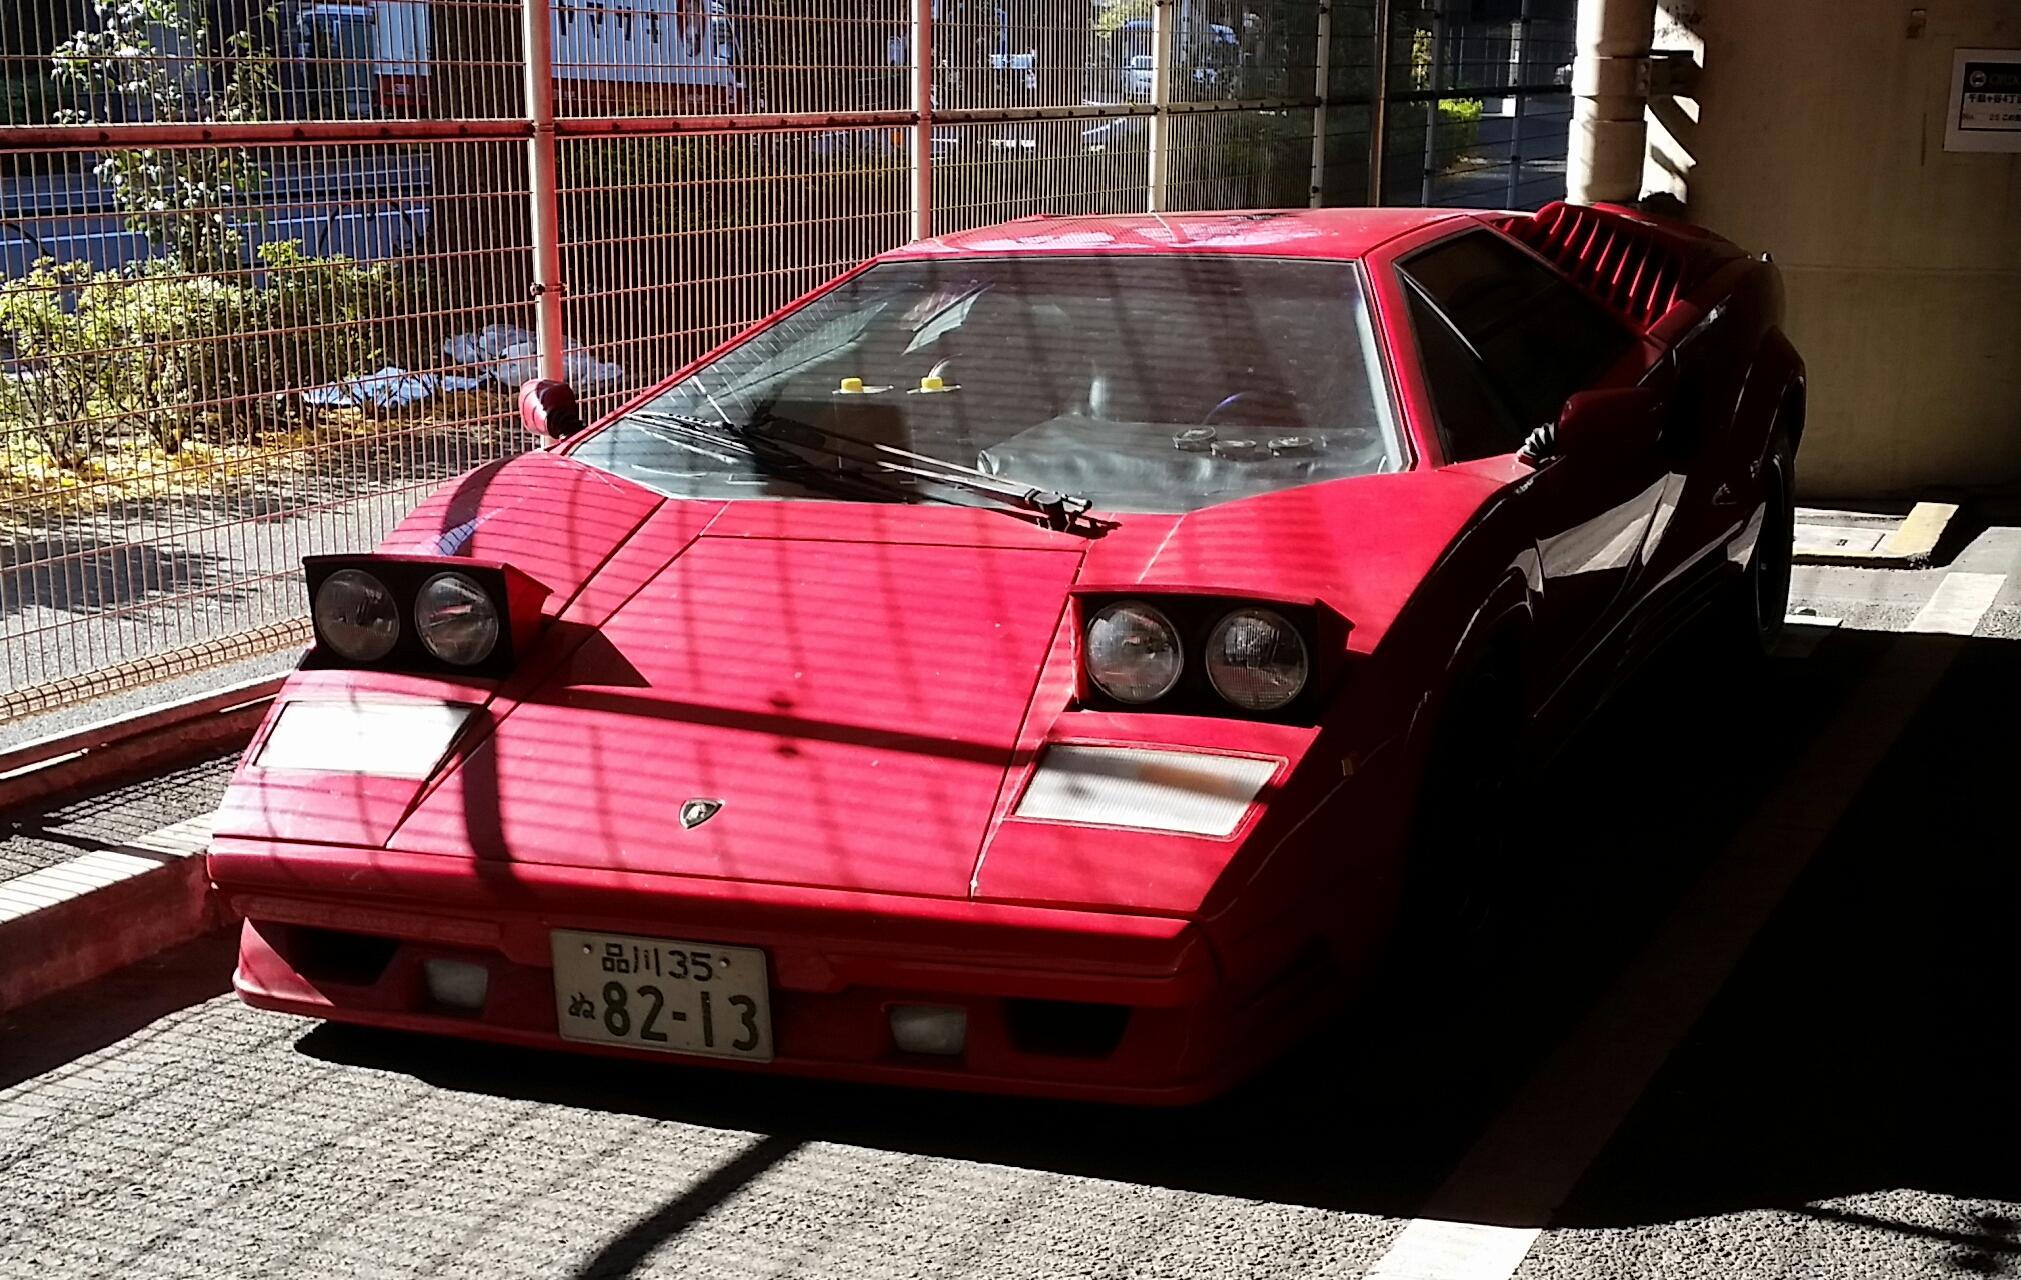 decom_c2f675fd53e0d8f566cddf1a5706f7f0_599bab2cb8da7 Marvelous Lamborghini Countach Nfs Hot Pursuit Cars Trend